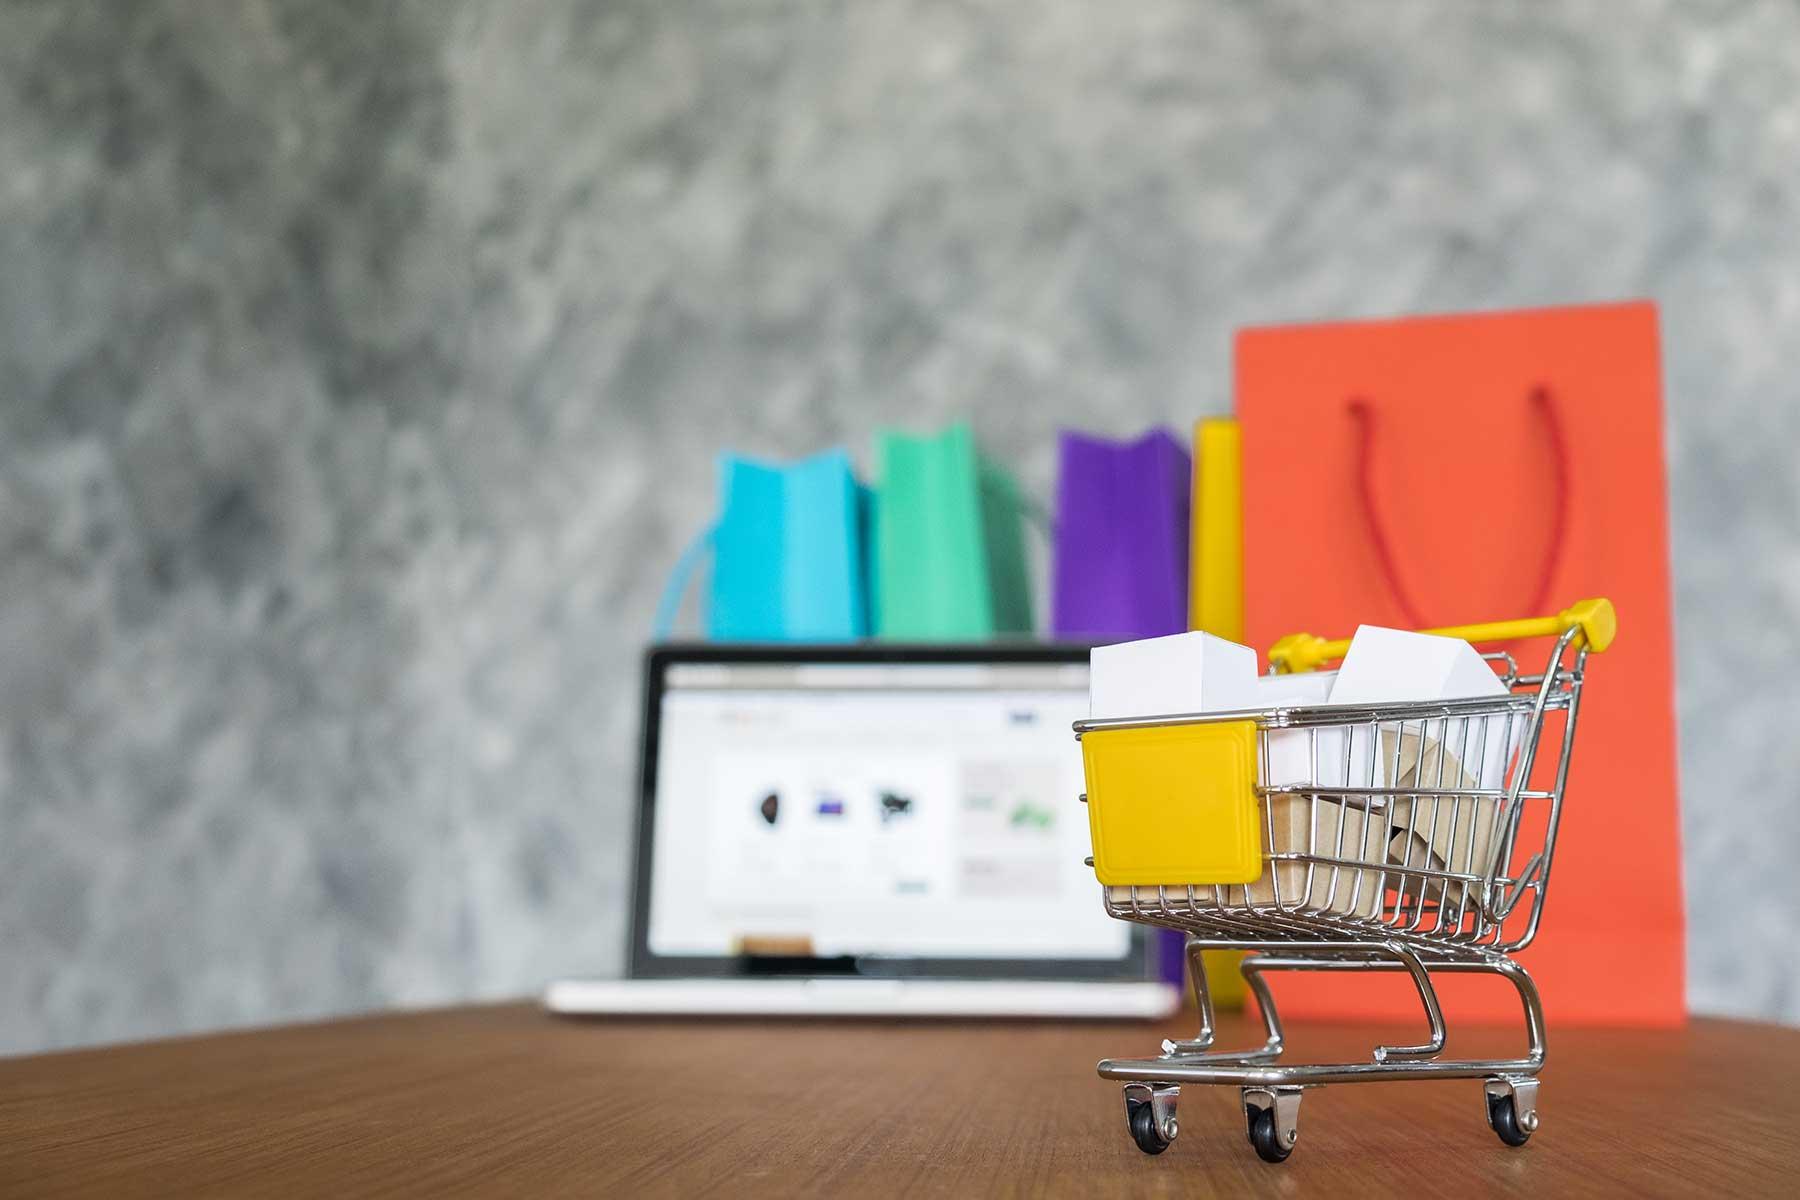 Tecnologia e marketing: o potencial da integração